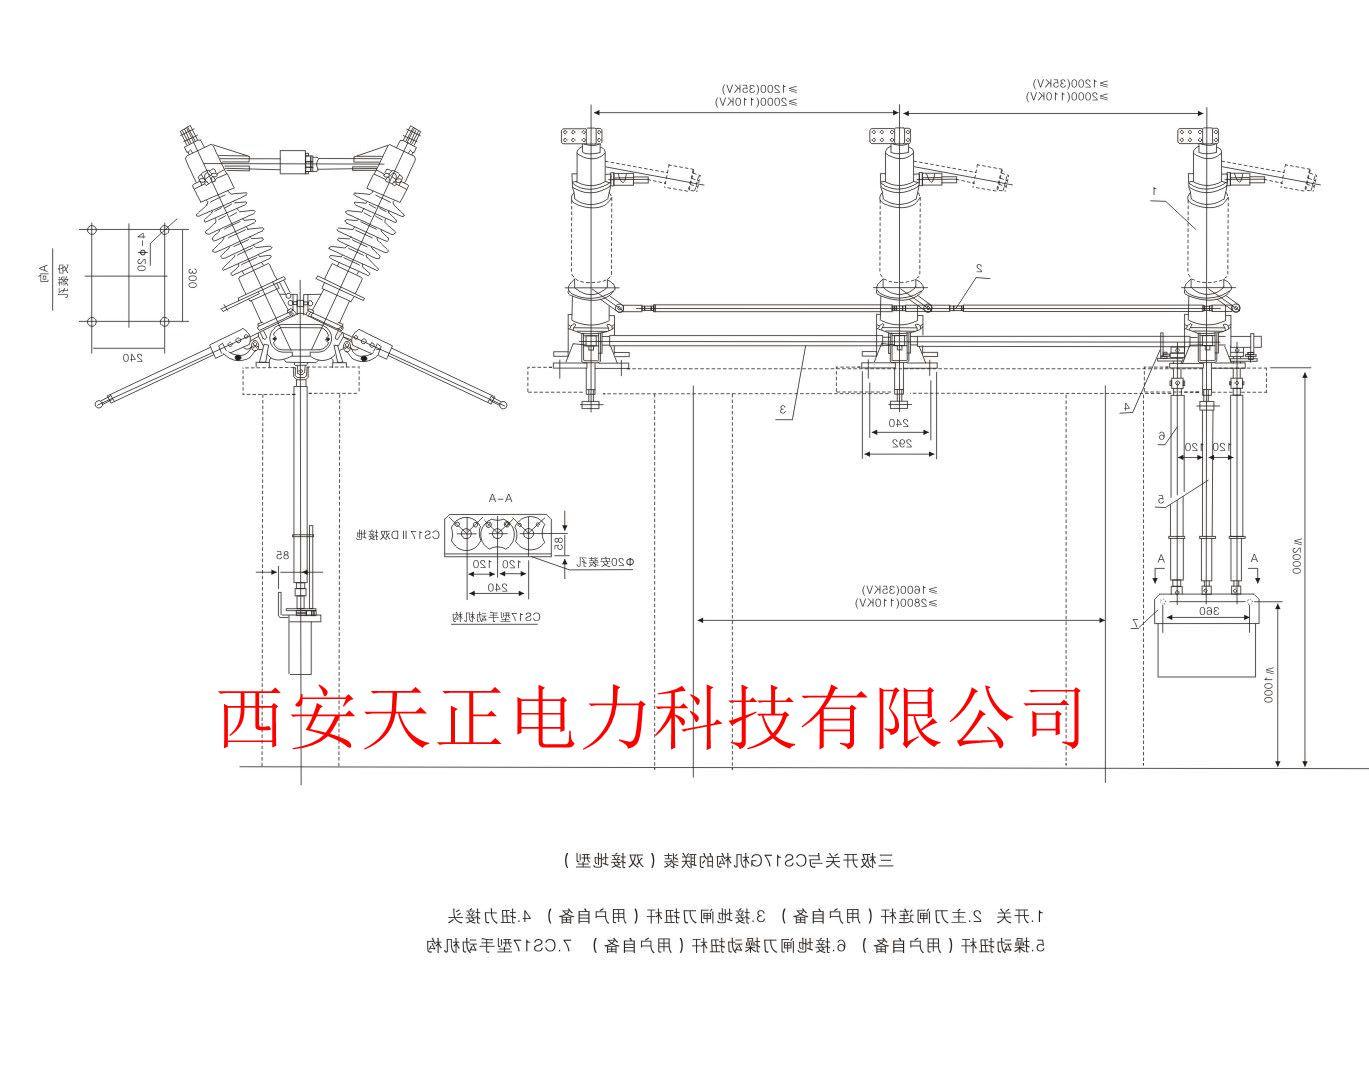 5/1250-2535千伏户外接地型高压隔离开关gw5